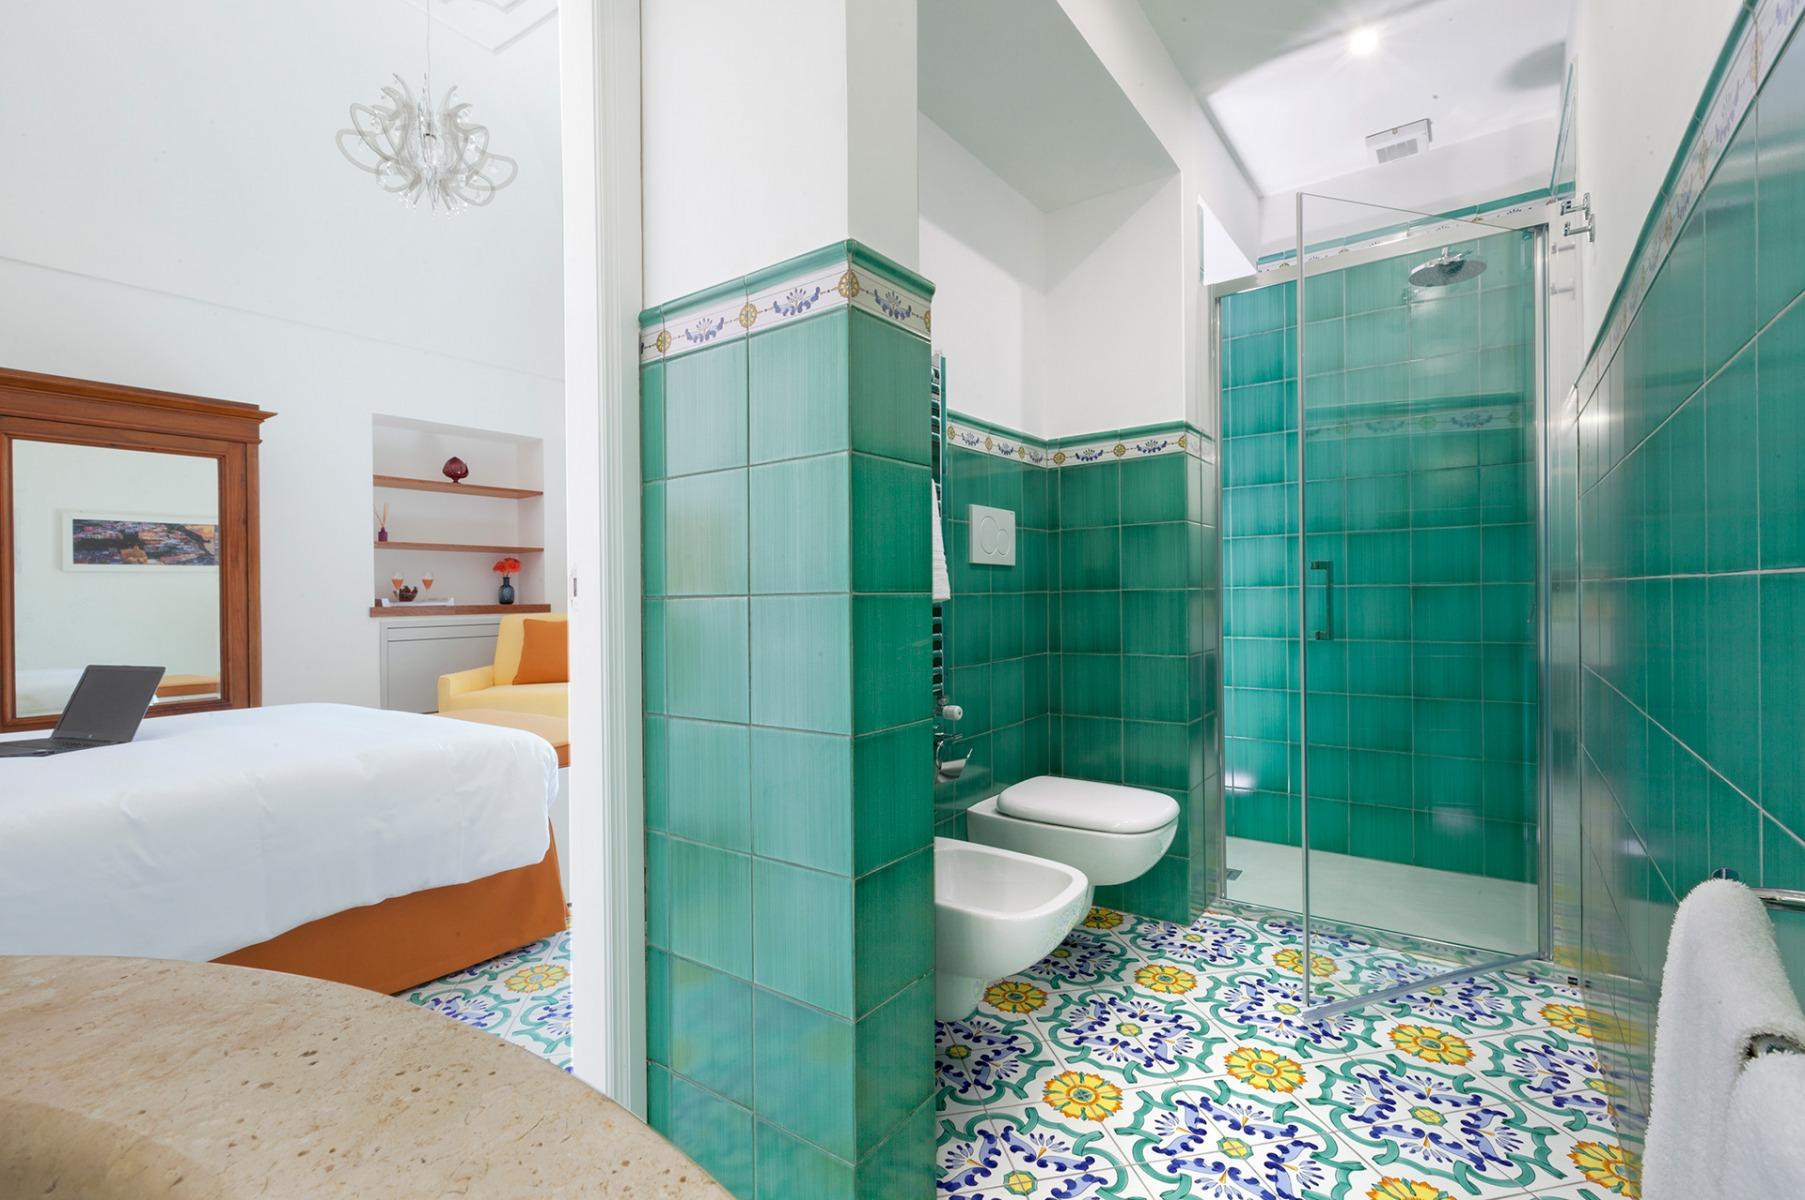 Equipped rooms in Positano center, Amalfi Coast – Il Moro di Positano